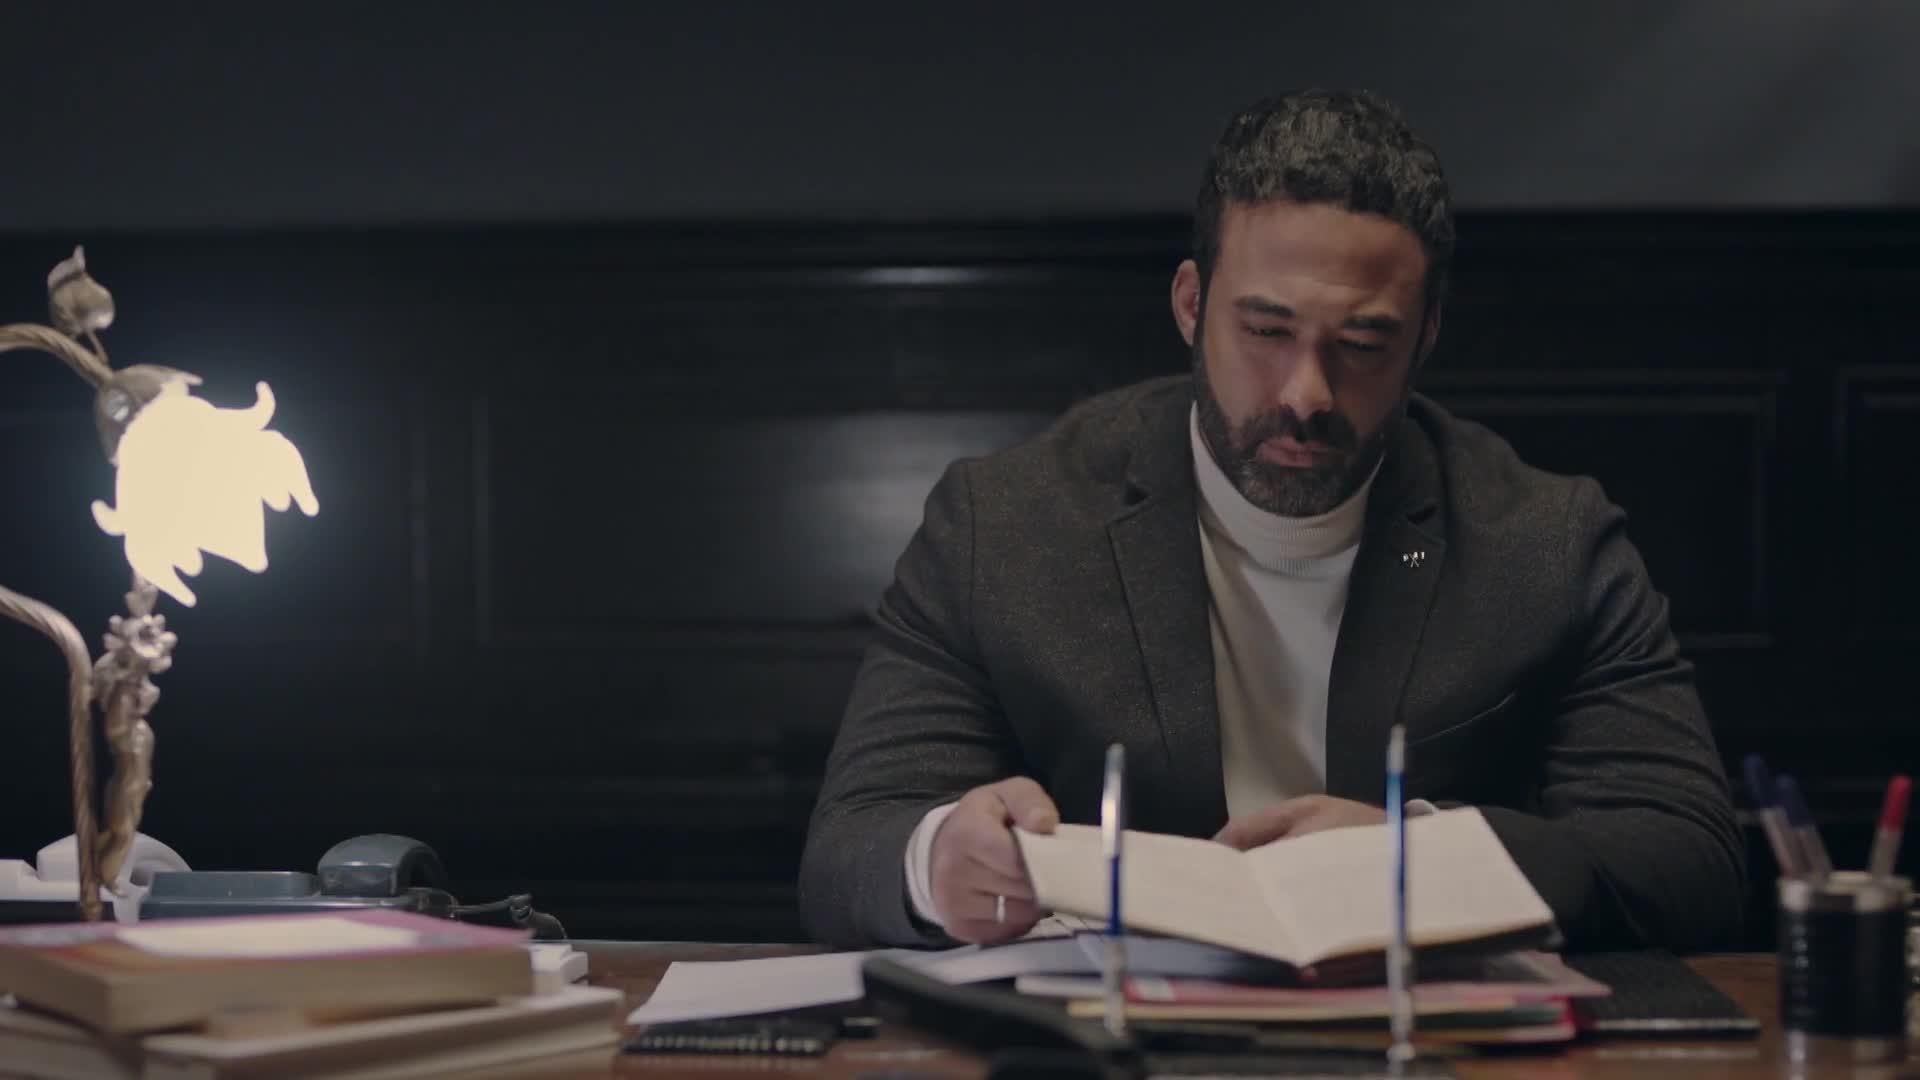 المسلسل المصري علامة استفهام [2019][WEB DL][1080p] تحميل تورنت 14 arabp2p.com